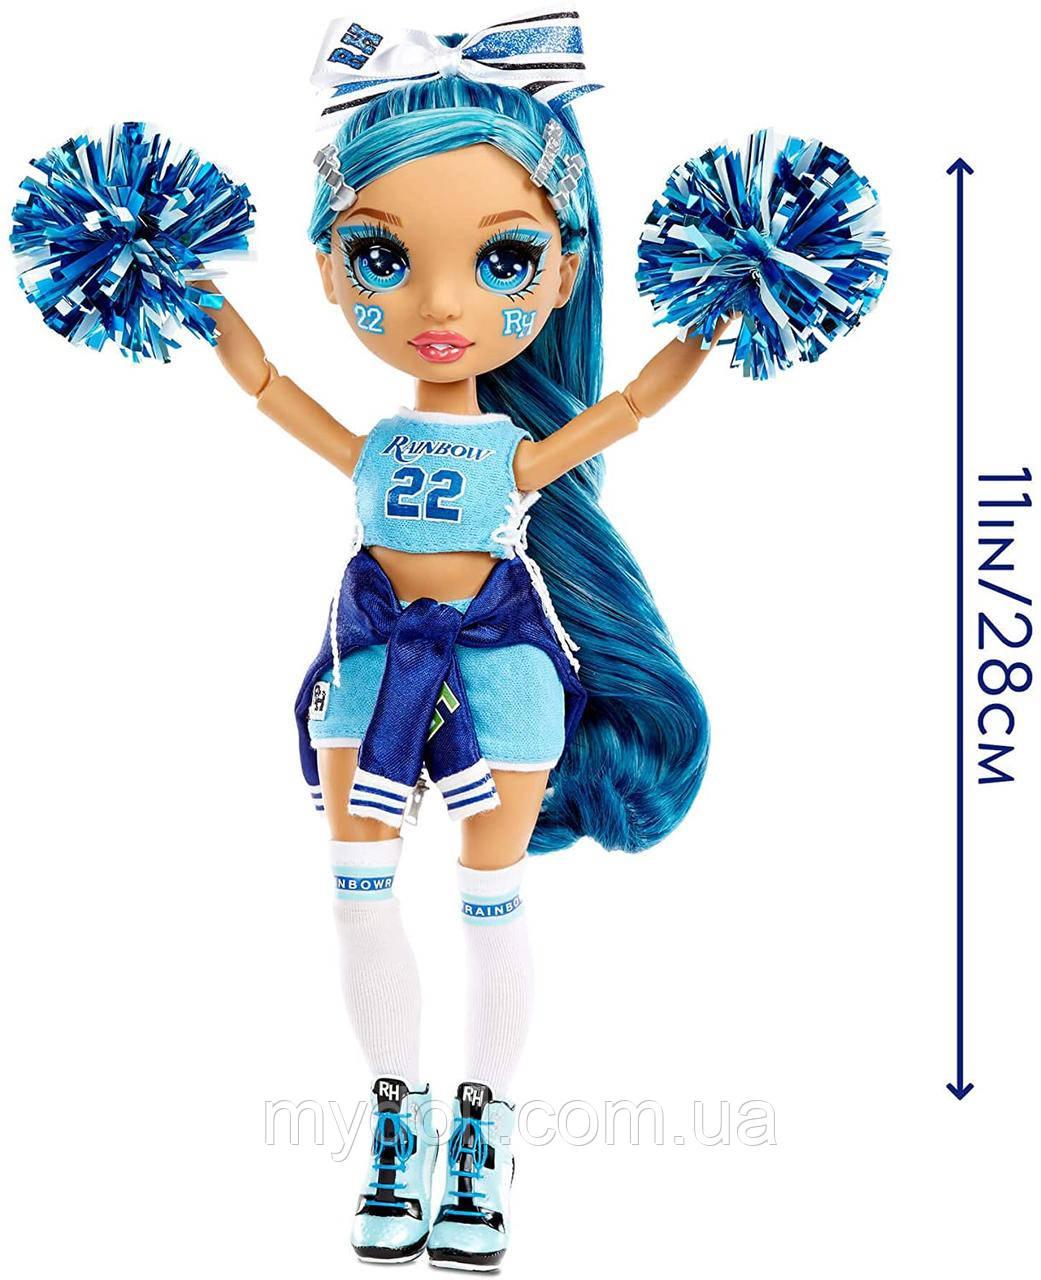 Лялька Мосту Хай Скайлар Бредшоу Cheerleader - Rainbow High Cheer Skyler Bradshaw Blue Cheerleader 572077